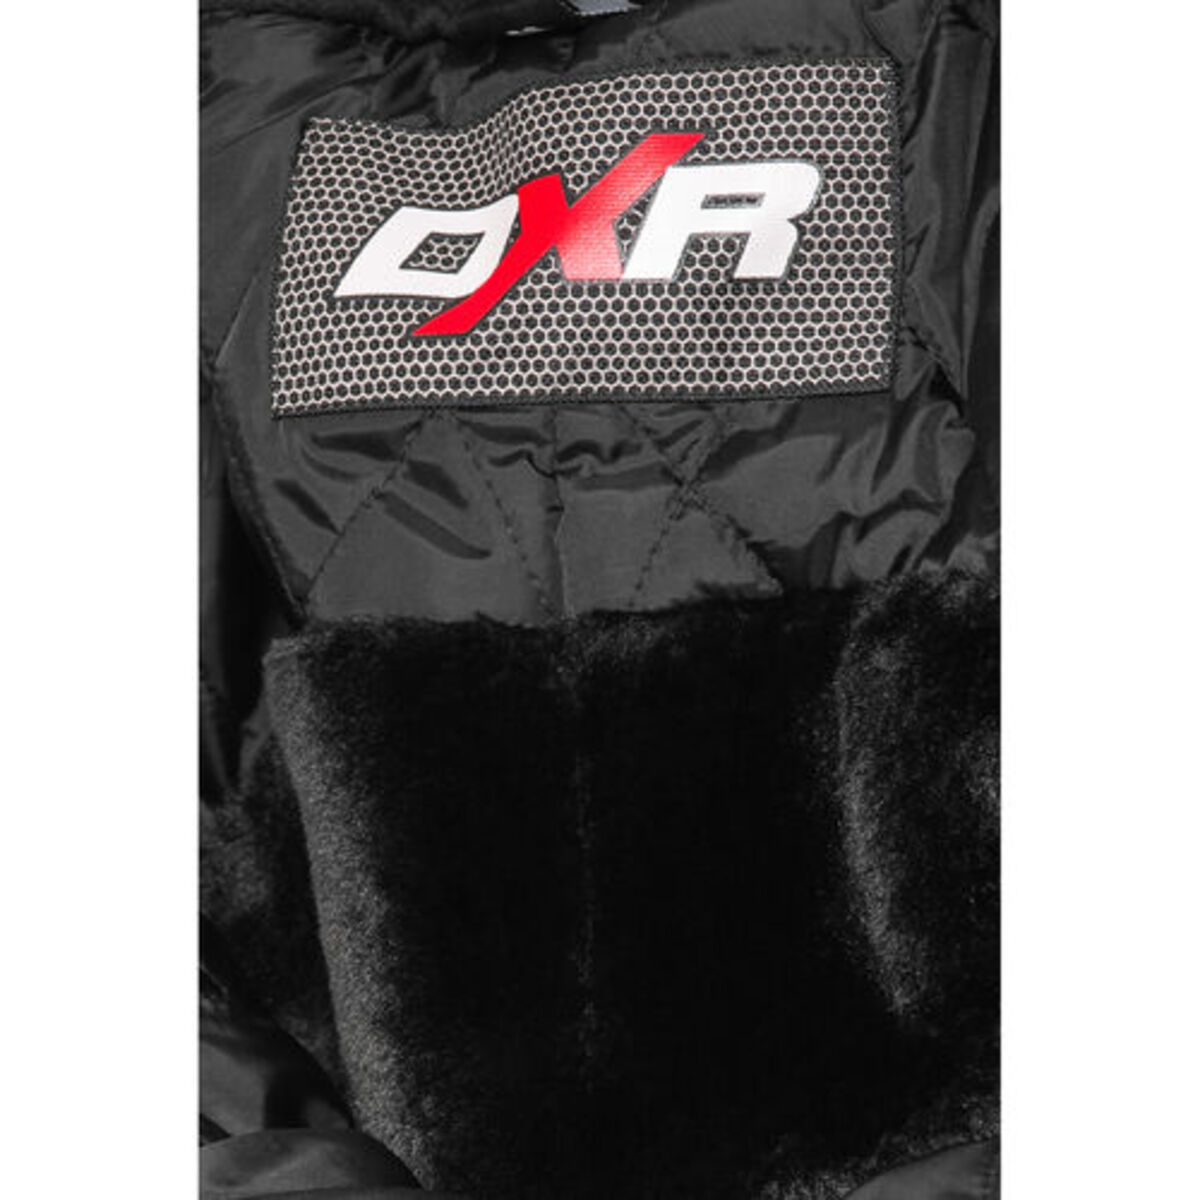 Bild 4 von DXR            Wintertour Textilhose 1.0 schwarz